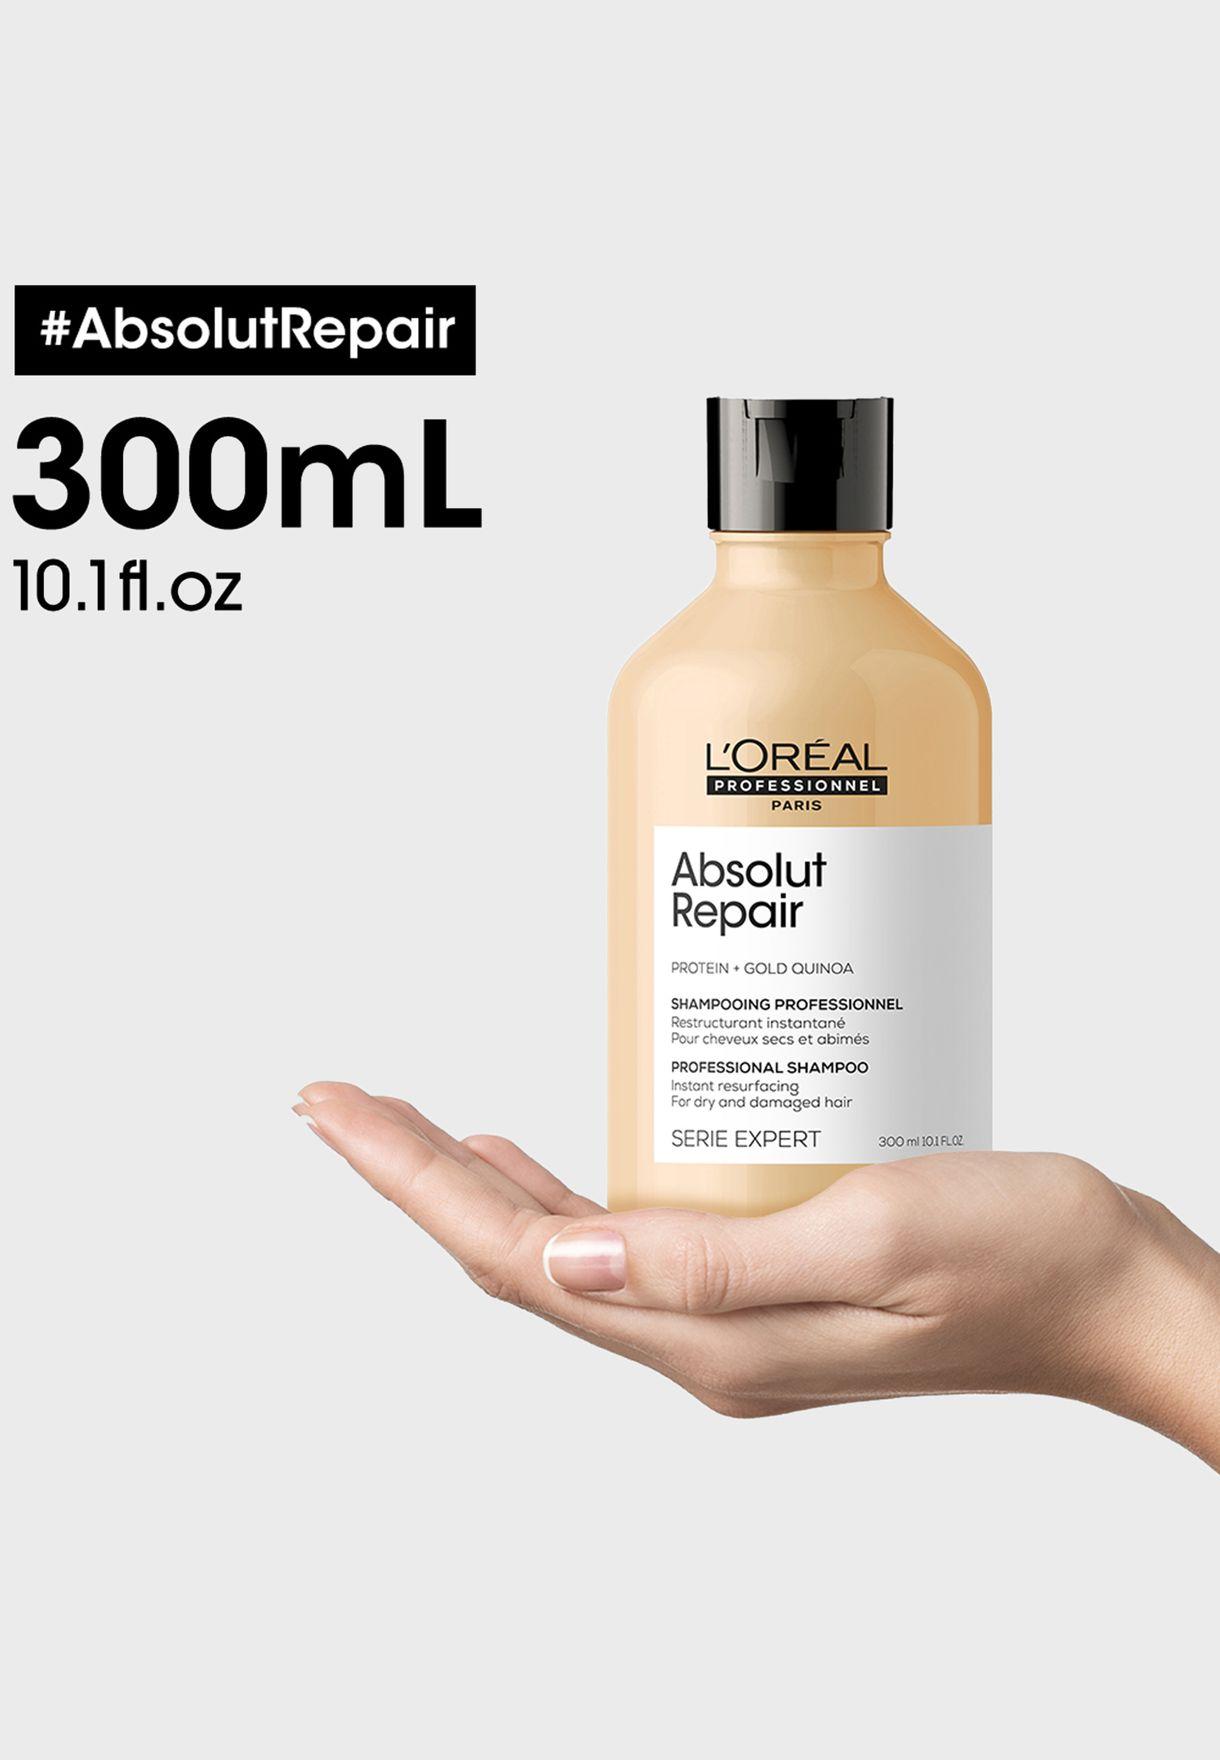 Serie Expert Absolute Repair Shampoo